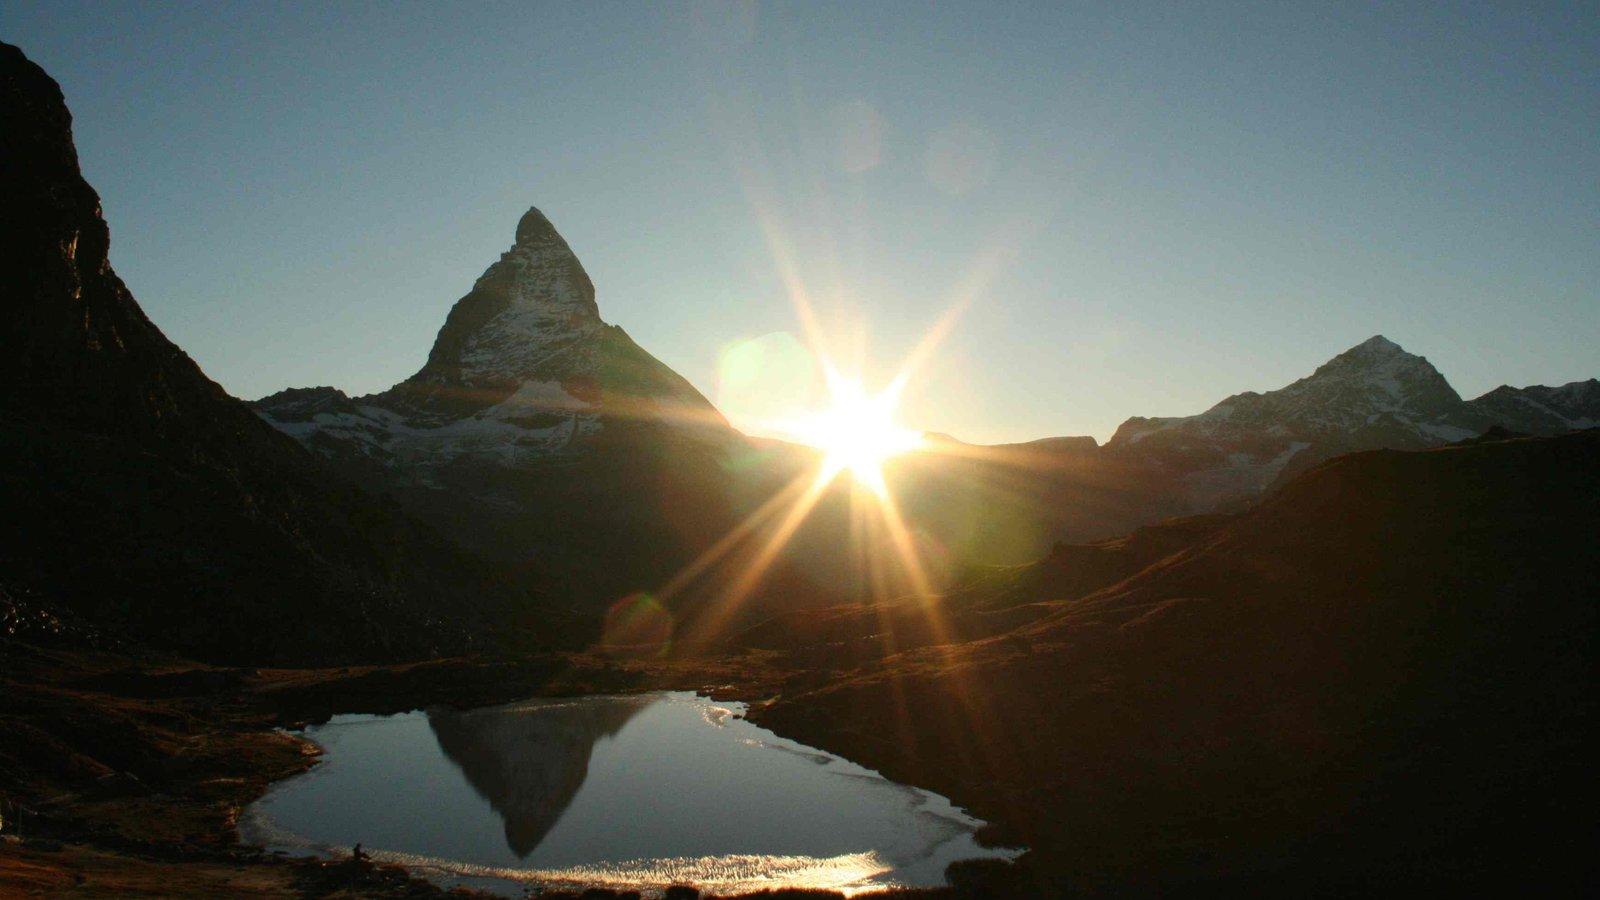 Matterhorn mostrando una puesta de sol, un lago o abrevadero y montañas